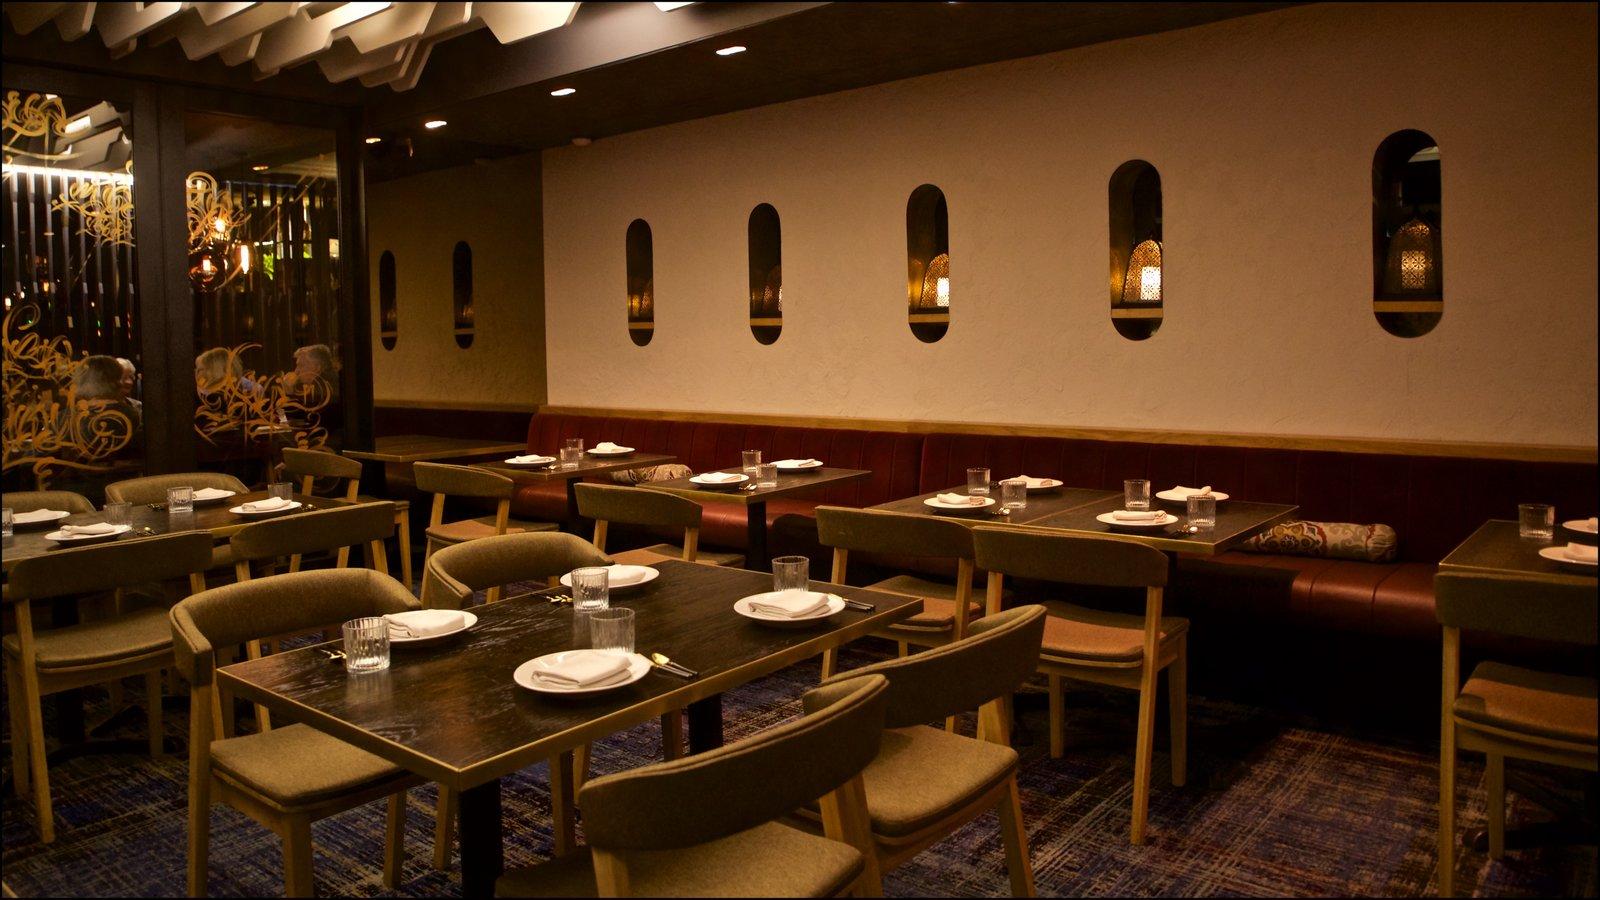 Docklands mostrando vistas interiores y salir a cenar